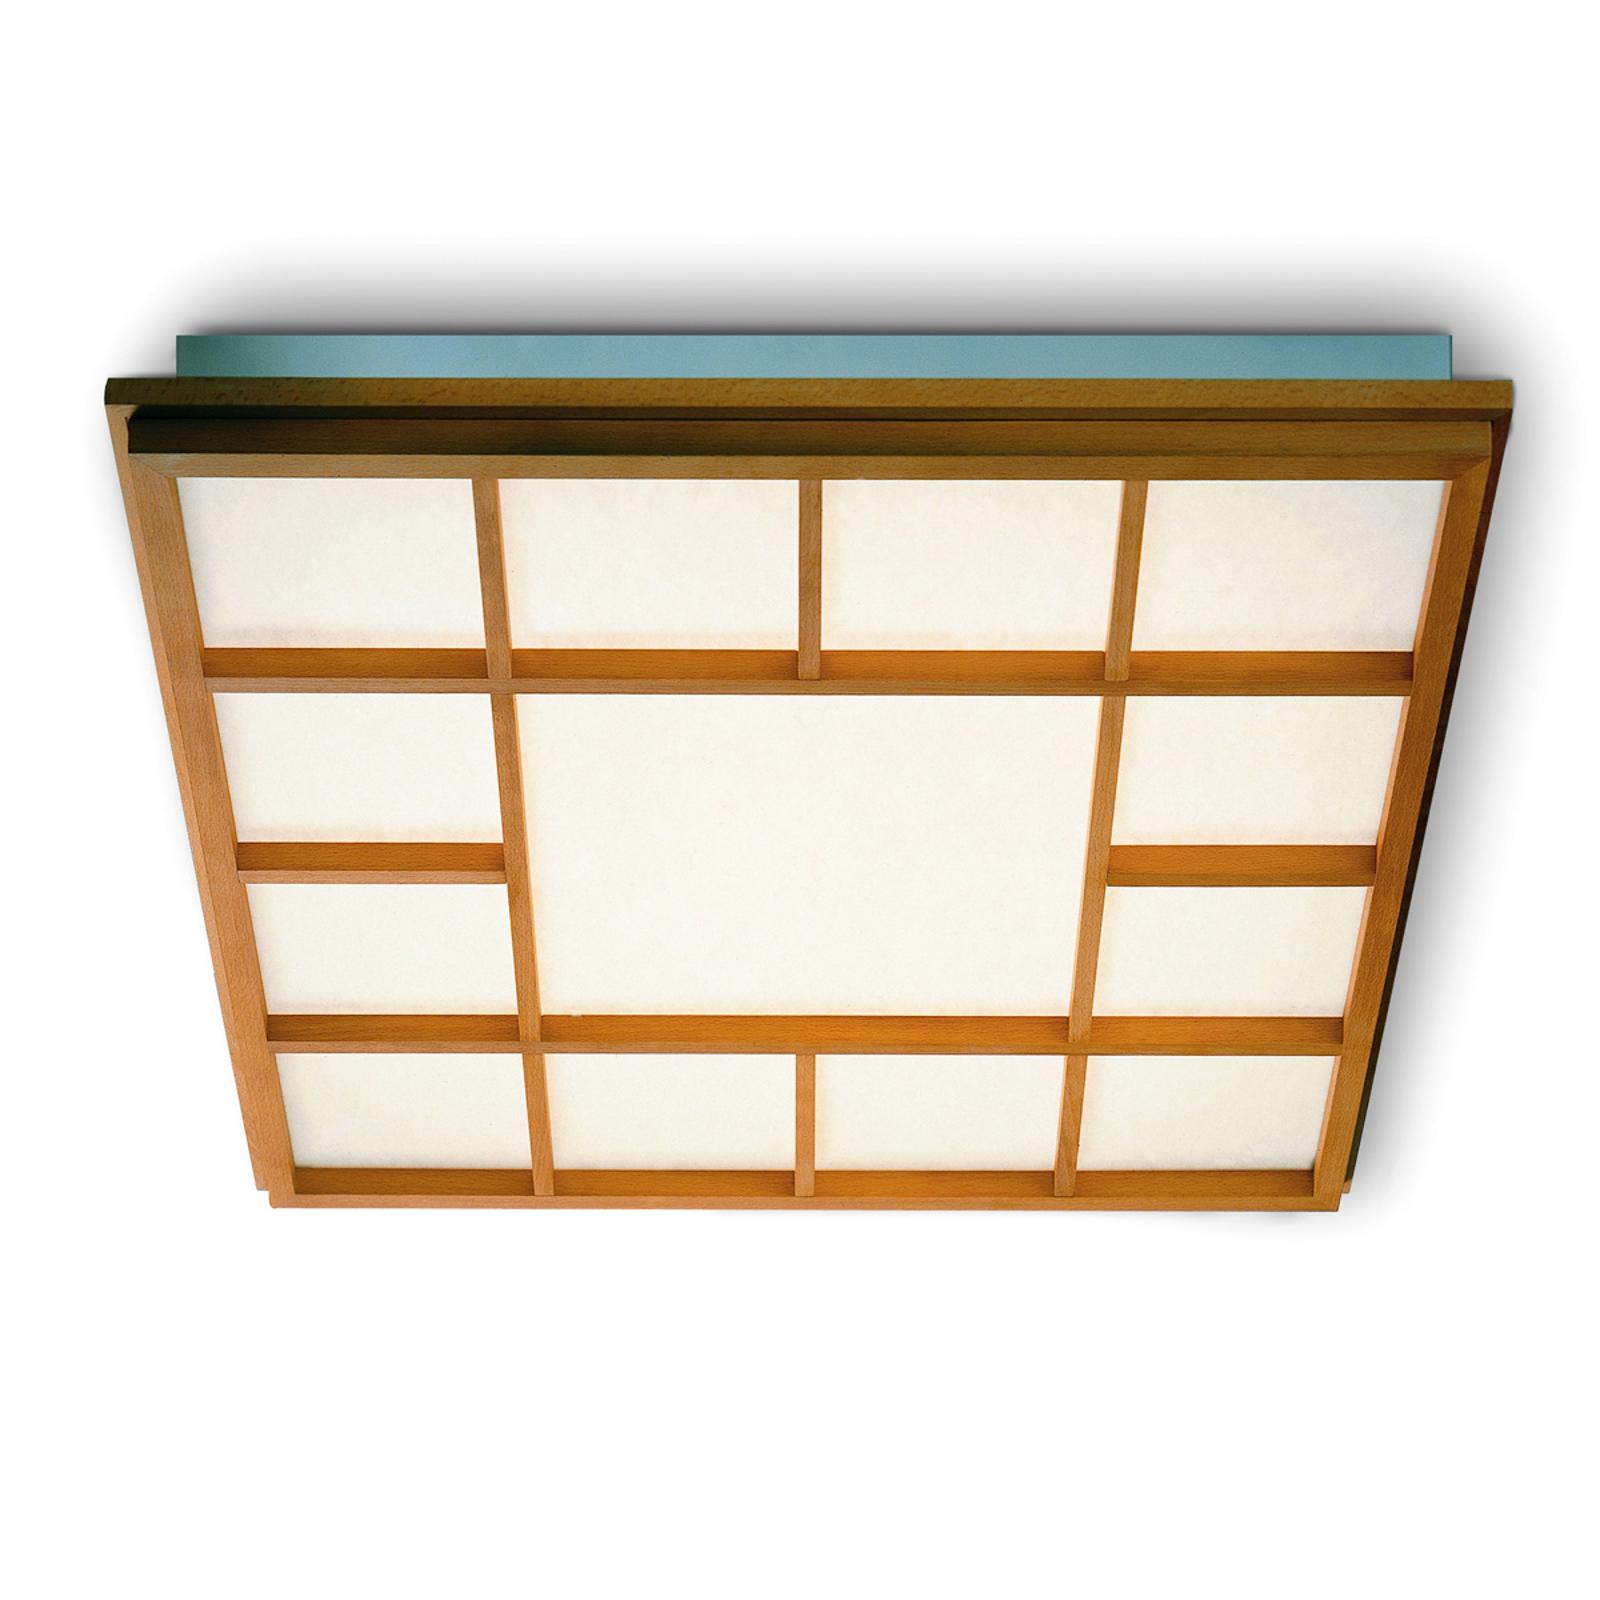 Neliön mallinen LED-kattolamppu Kioto 13, pyökki